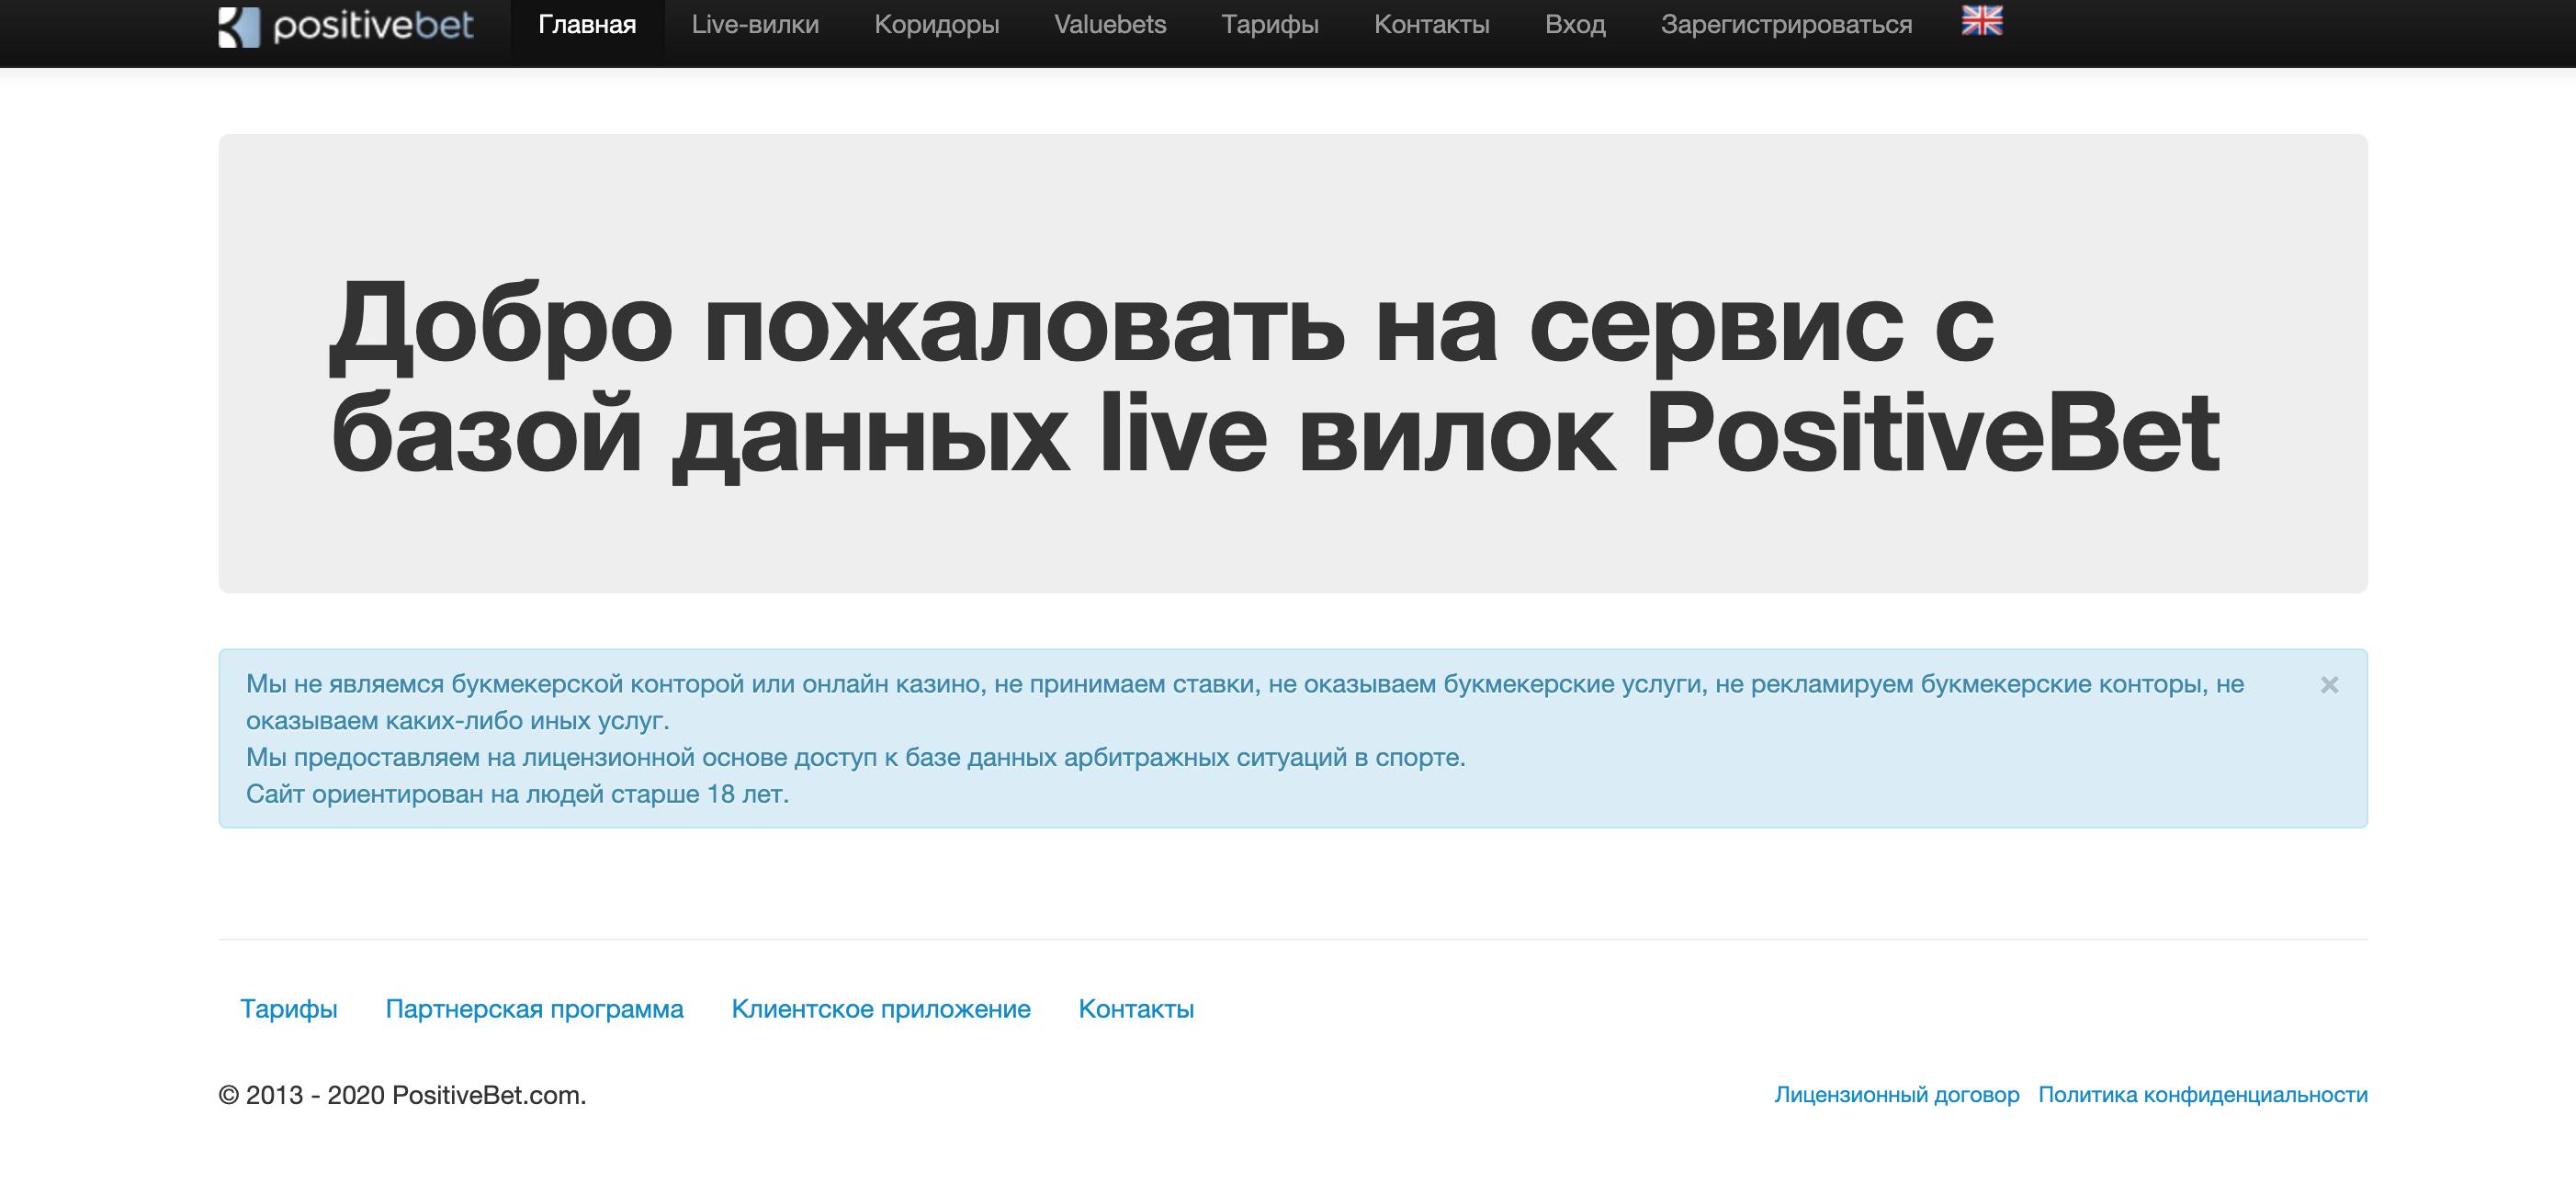 Главная страница positivebet.com